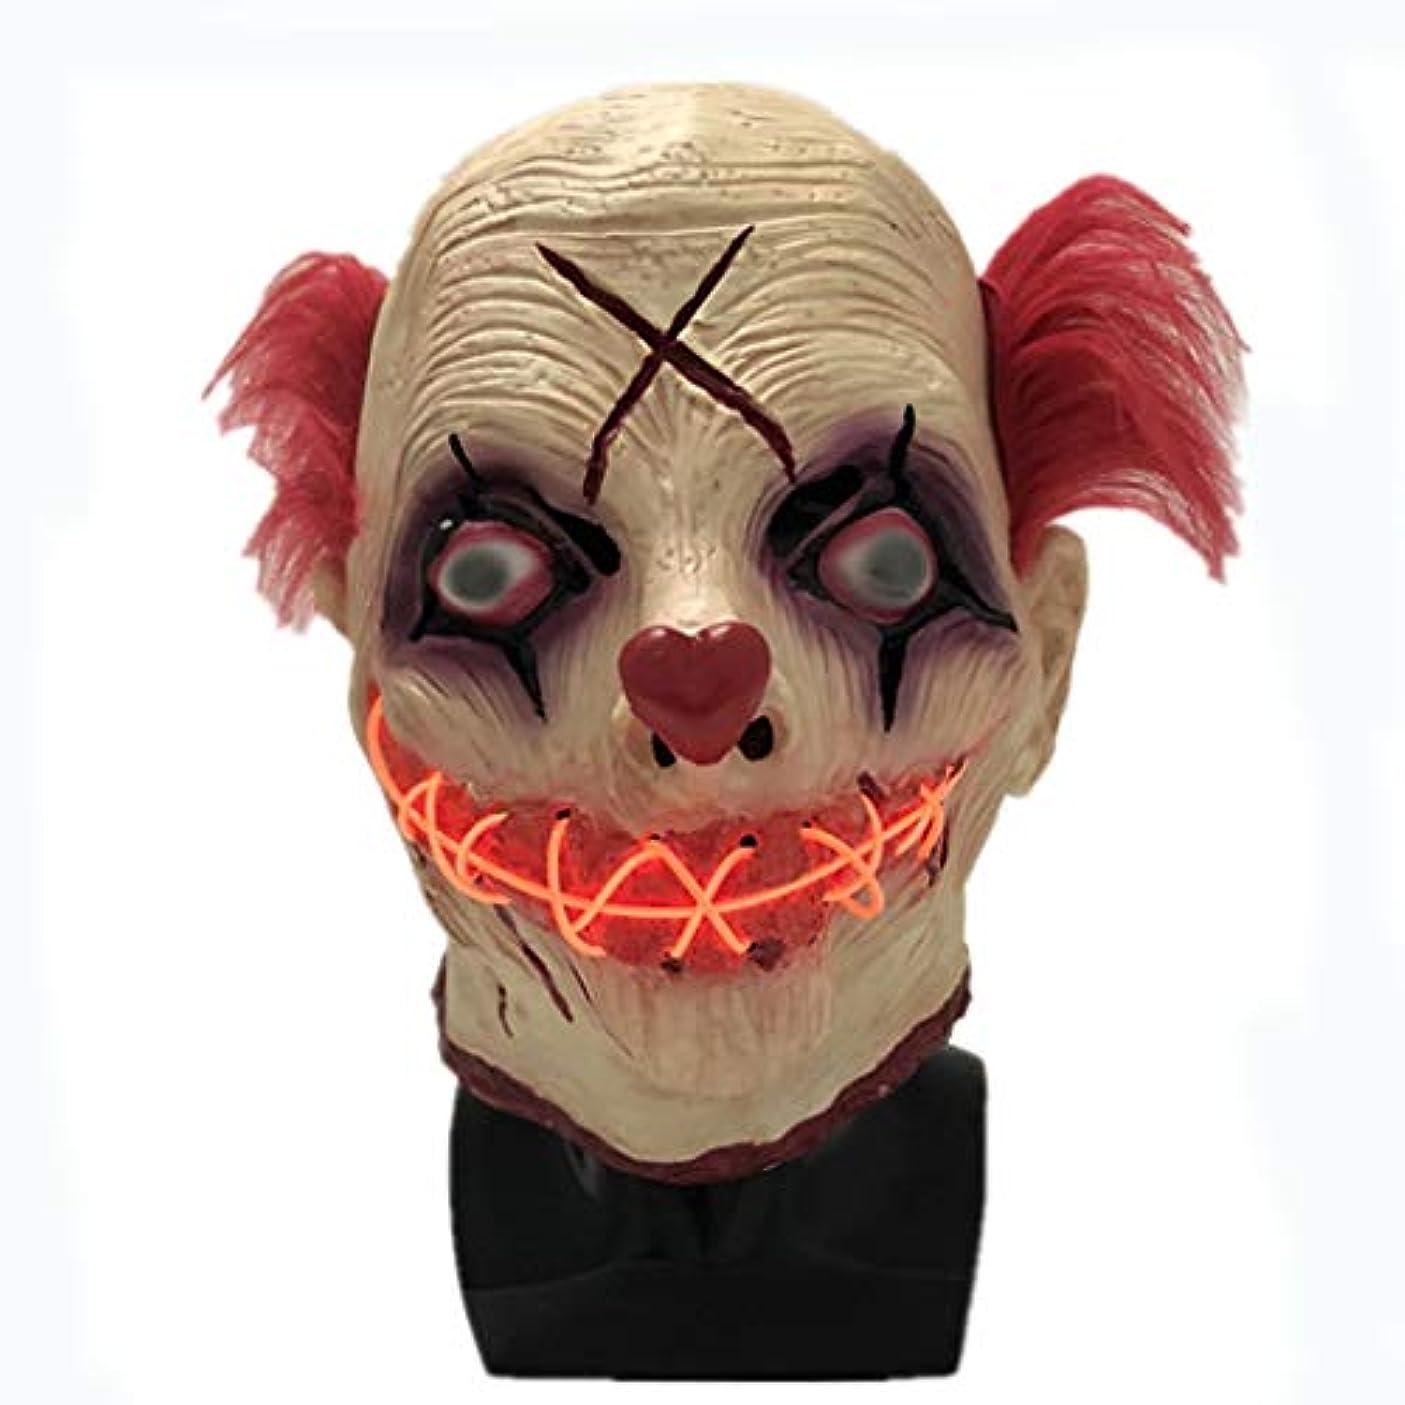 勧めるニコチン毒液ハロウィンマスクLEDライトアップマスクグローイングマスク、コスプレハロウィン